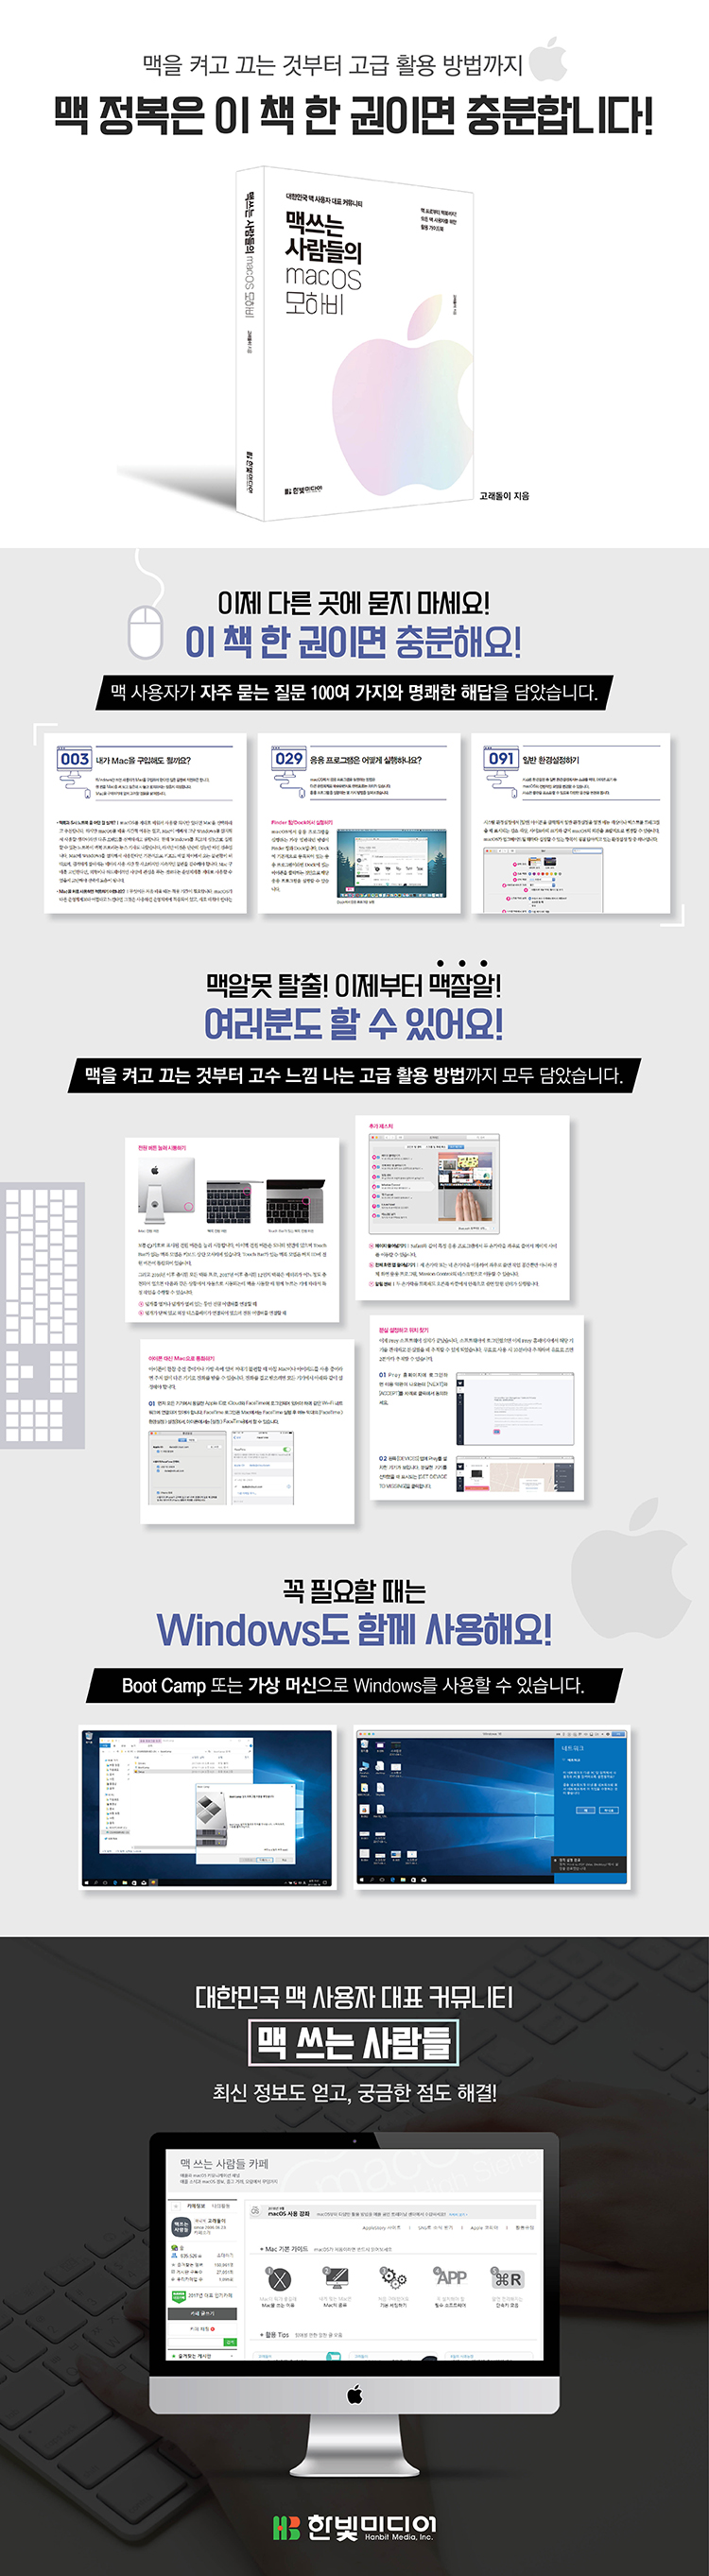 맥 쓰는 사람들의 macOS 모하비_상세페이지_교보_750.jpg